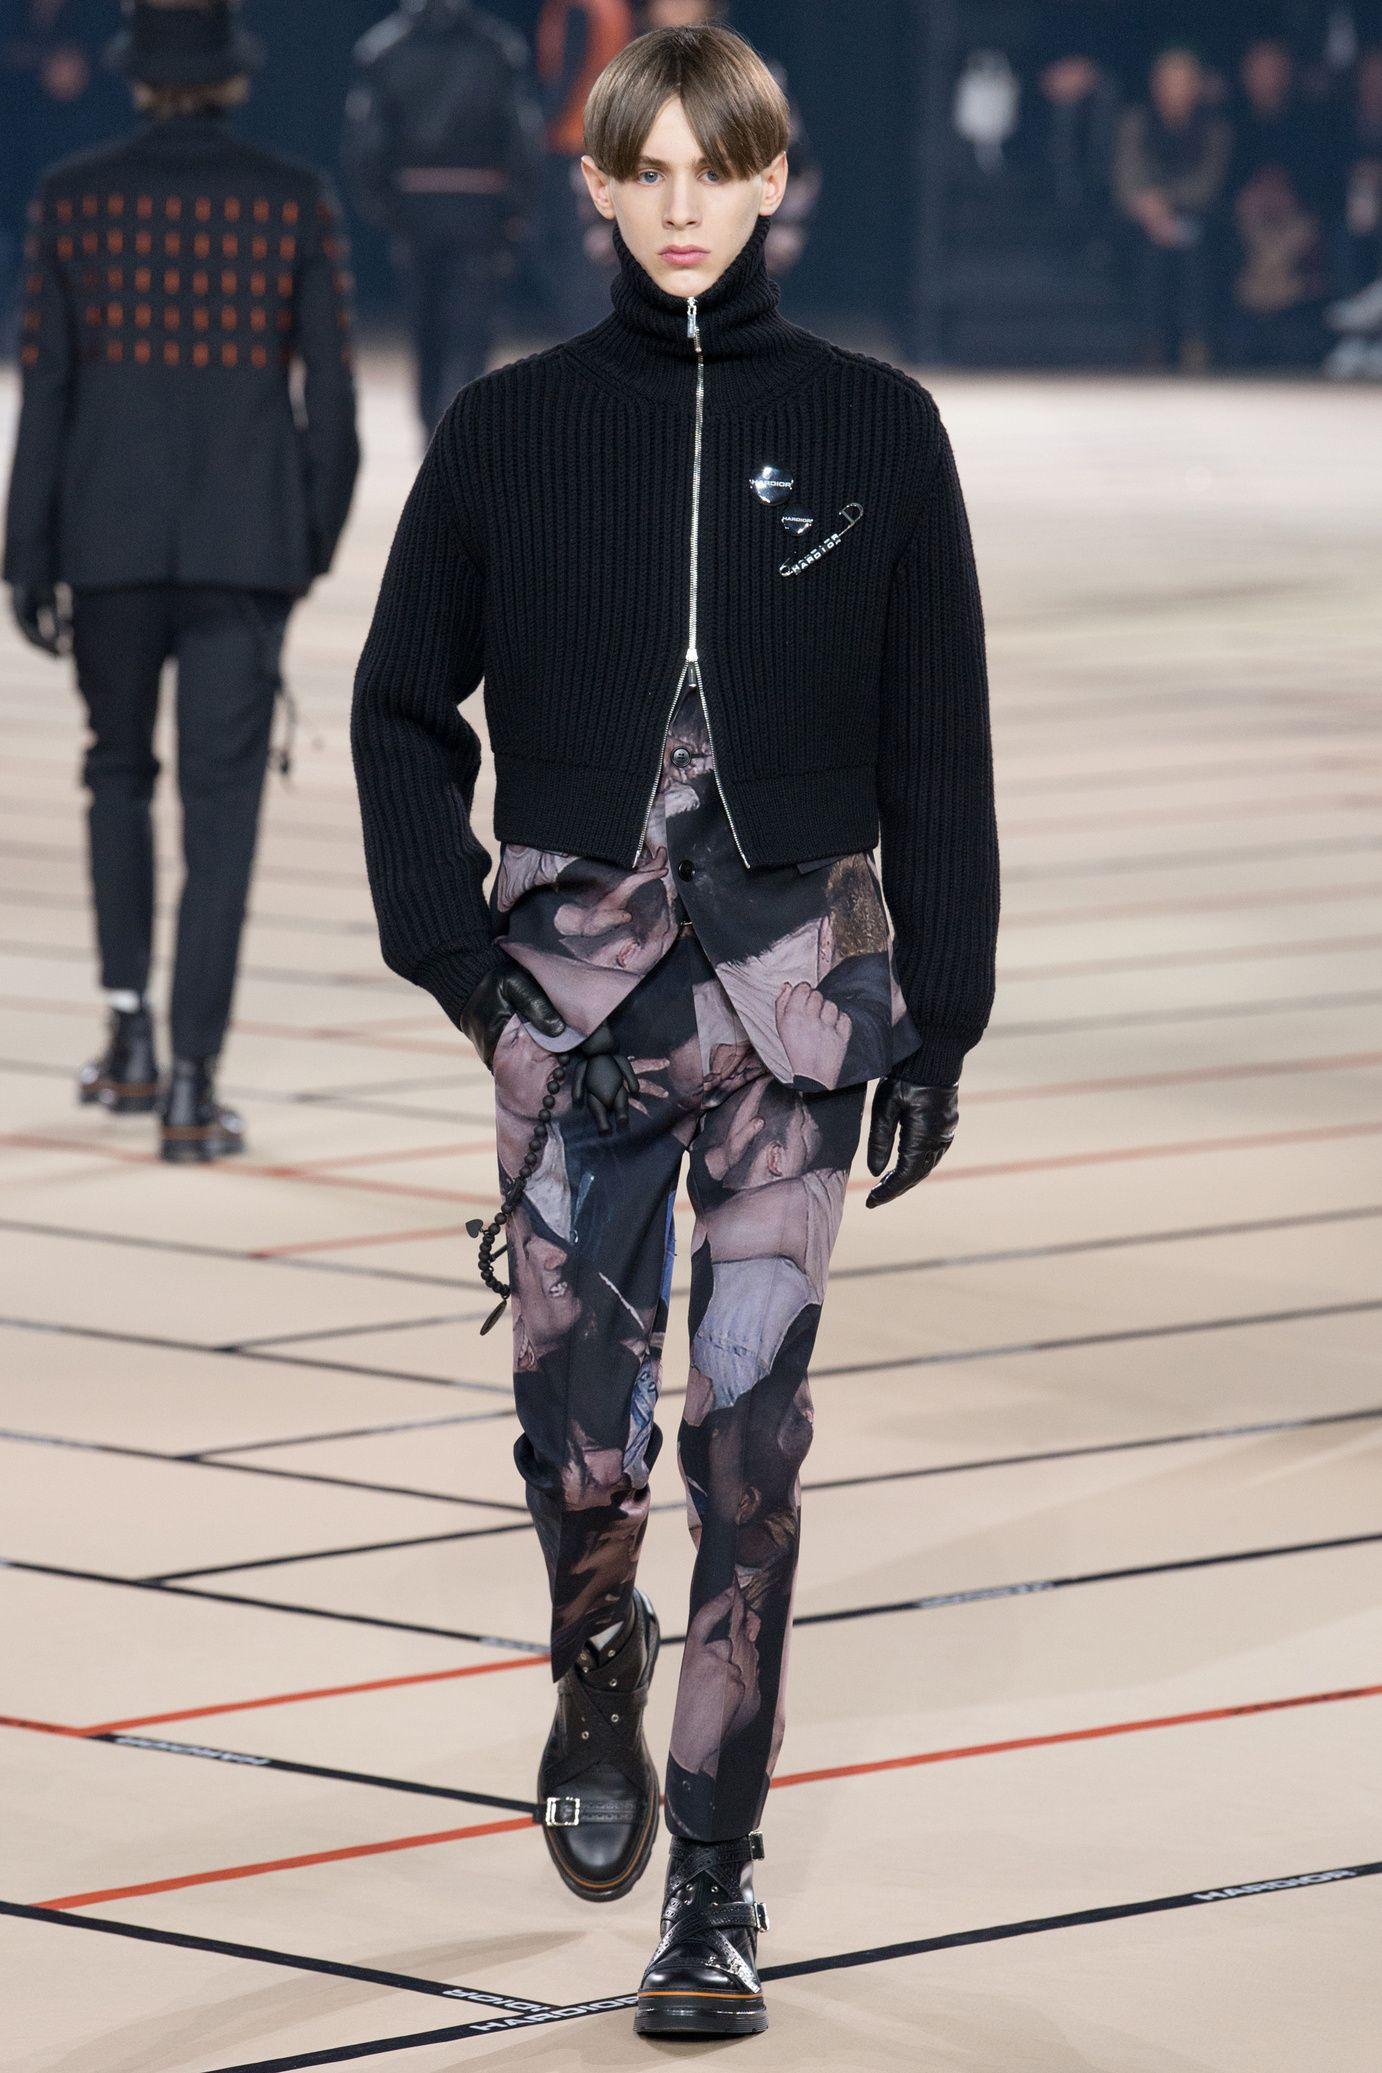 Défilé Dior Homme  Automne-hiver 2017-2018   D E F I L E S 591be2c83498